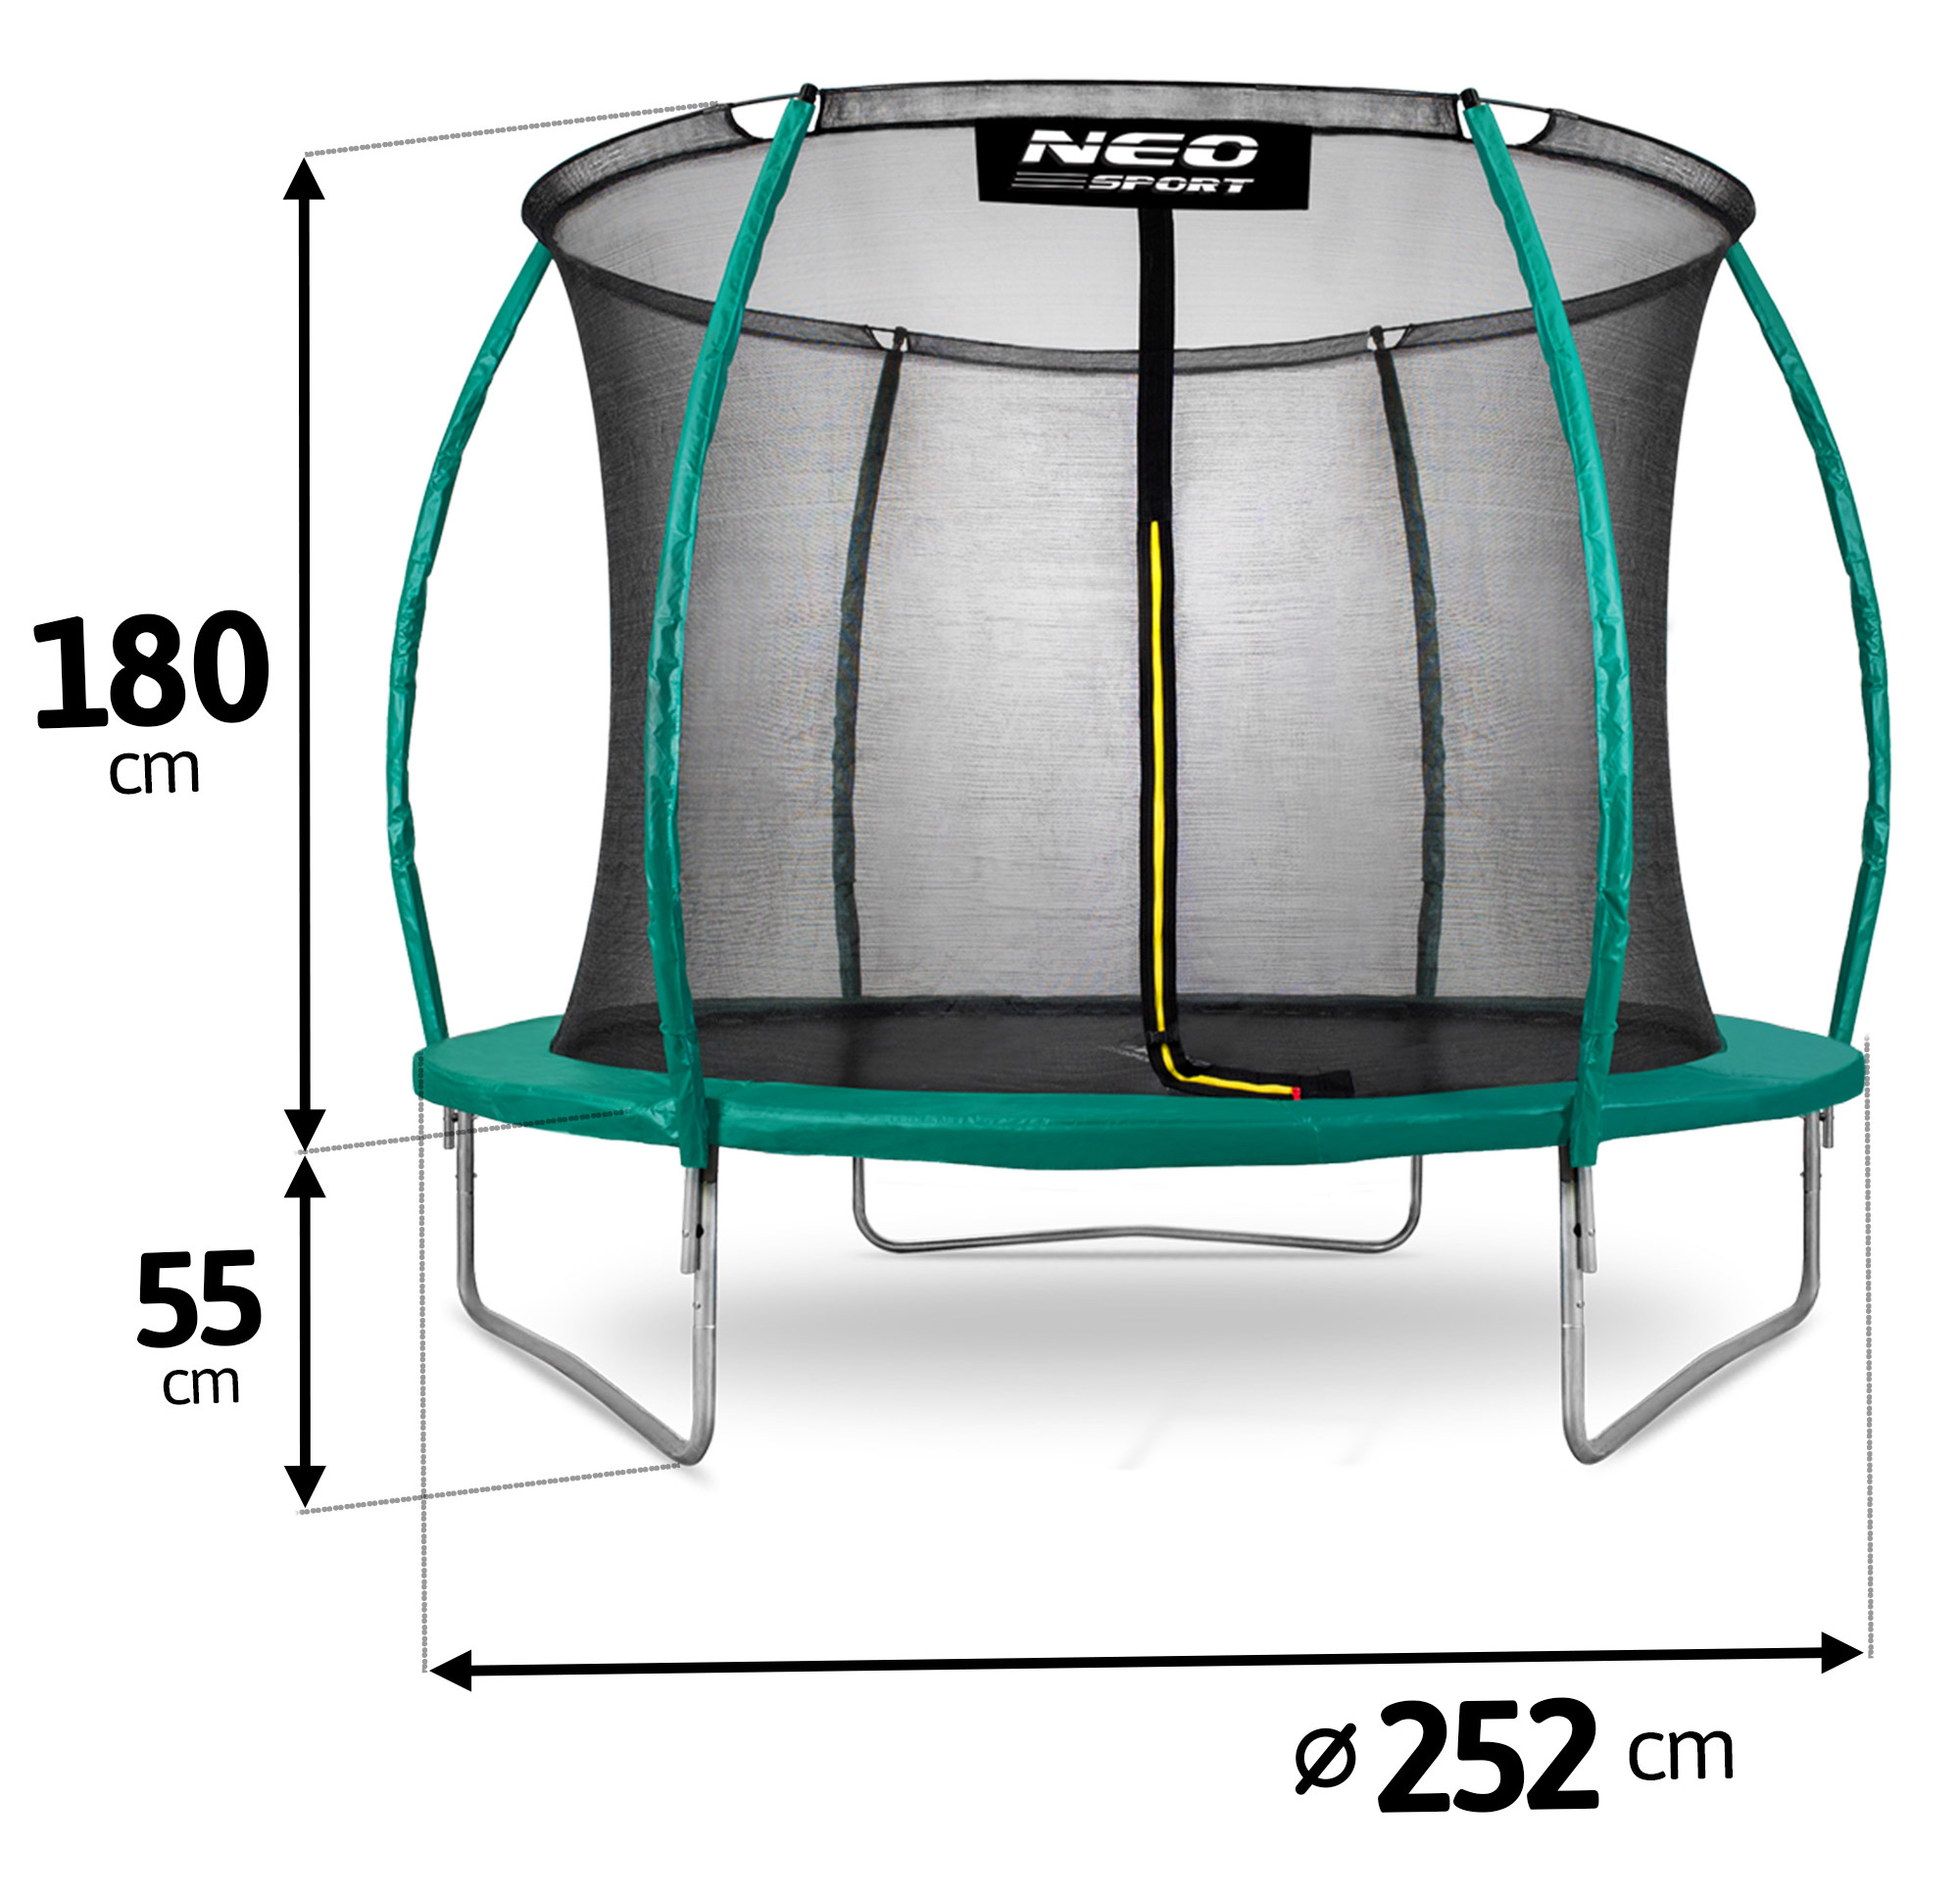 Trampolina ogrodowa 8ft/252cm z siatką wewnętrzną i drabinką dla dzieci